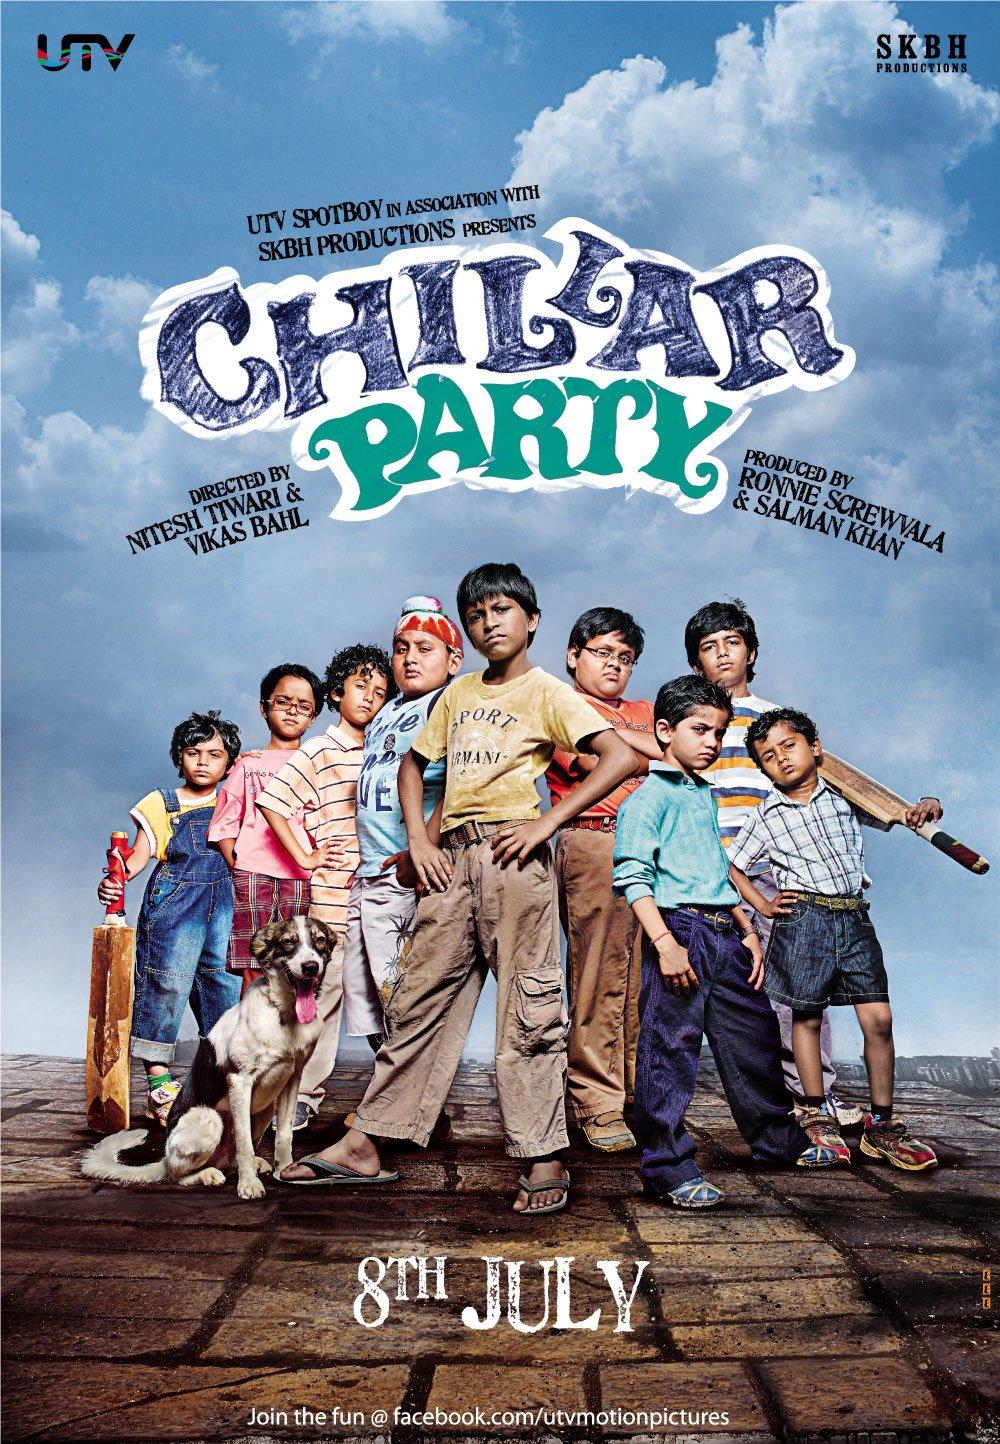 bhoothnath 2008 full movie download utorrent